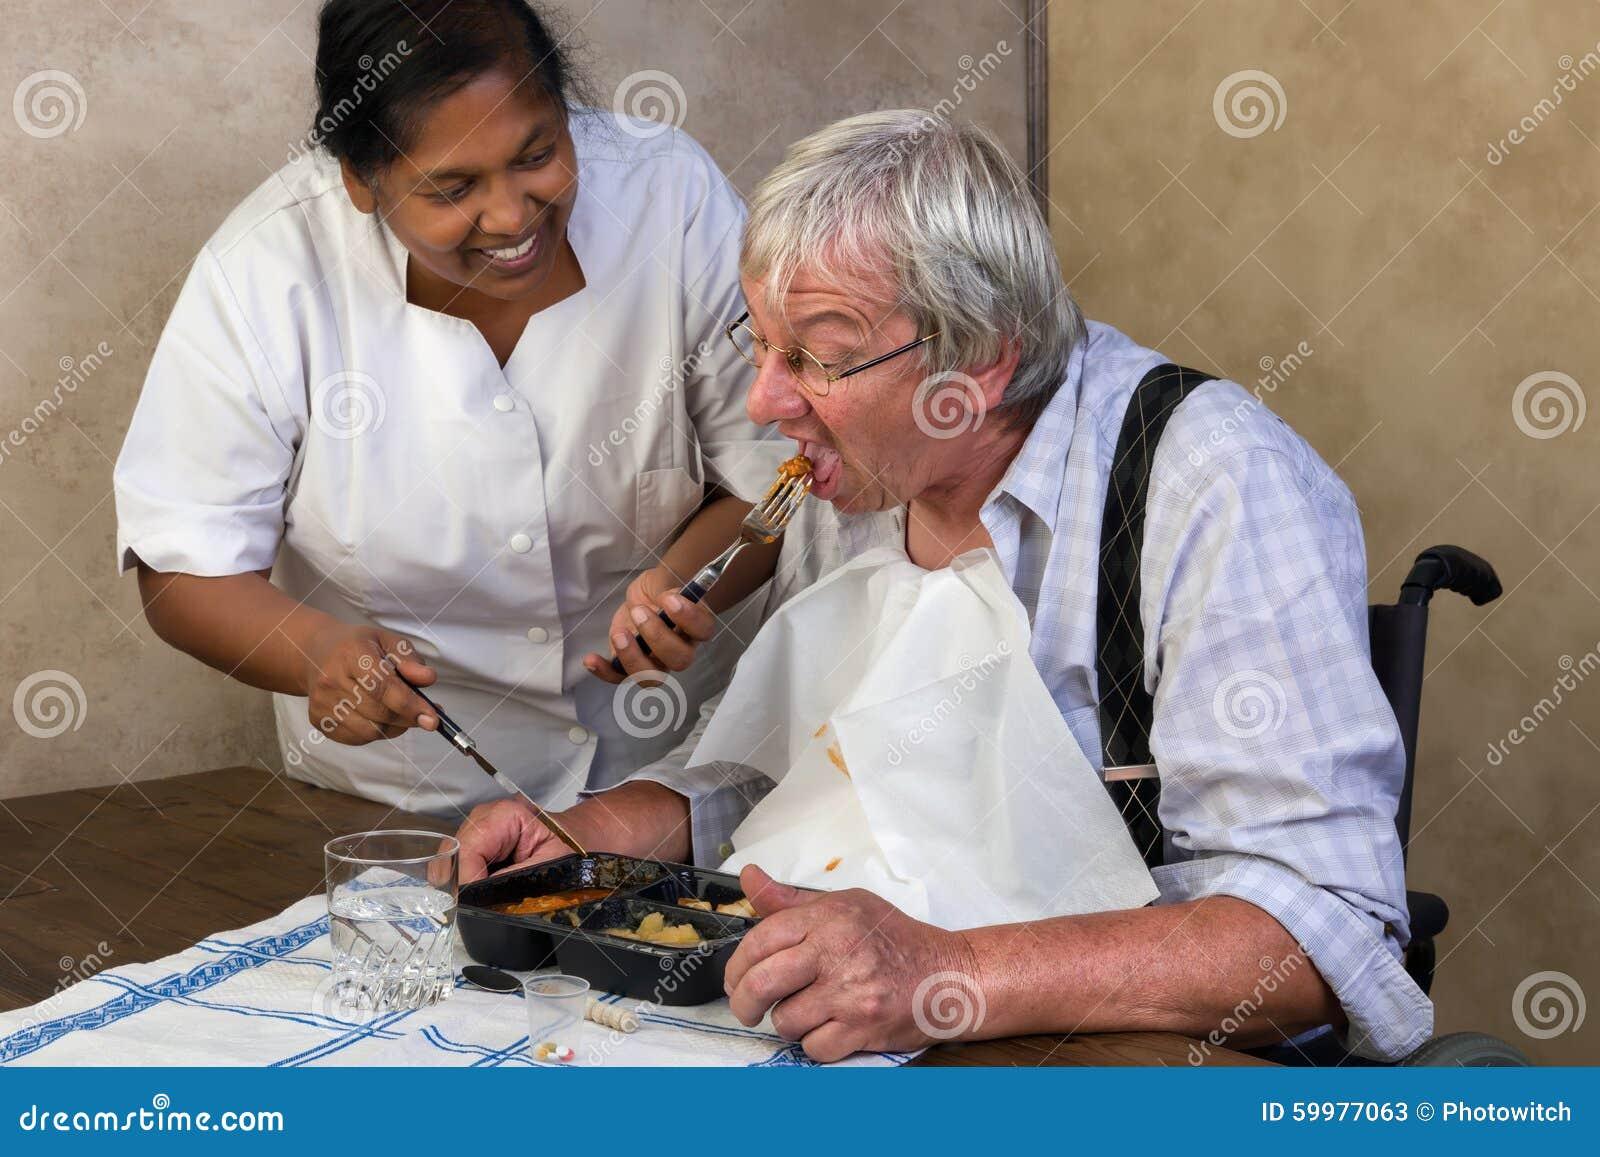 Elderly Man Raw Food Diet